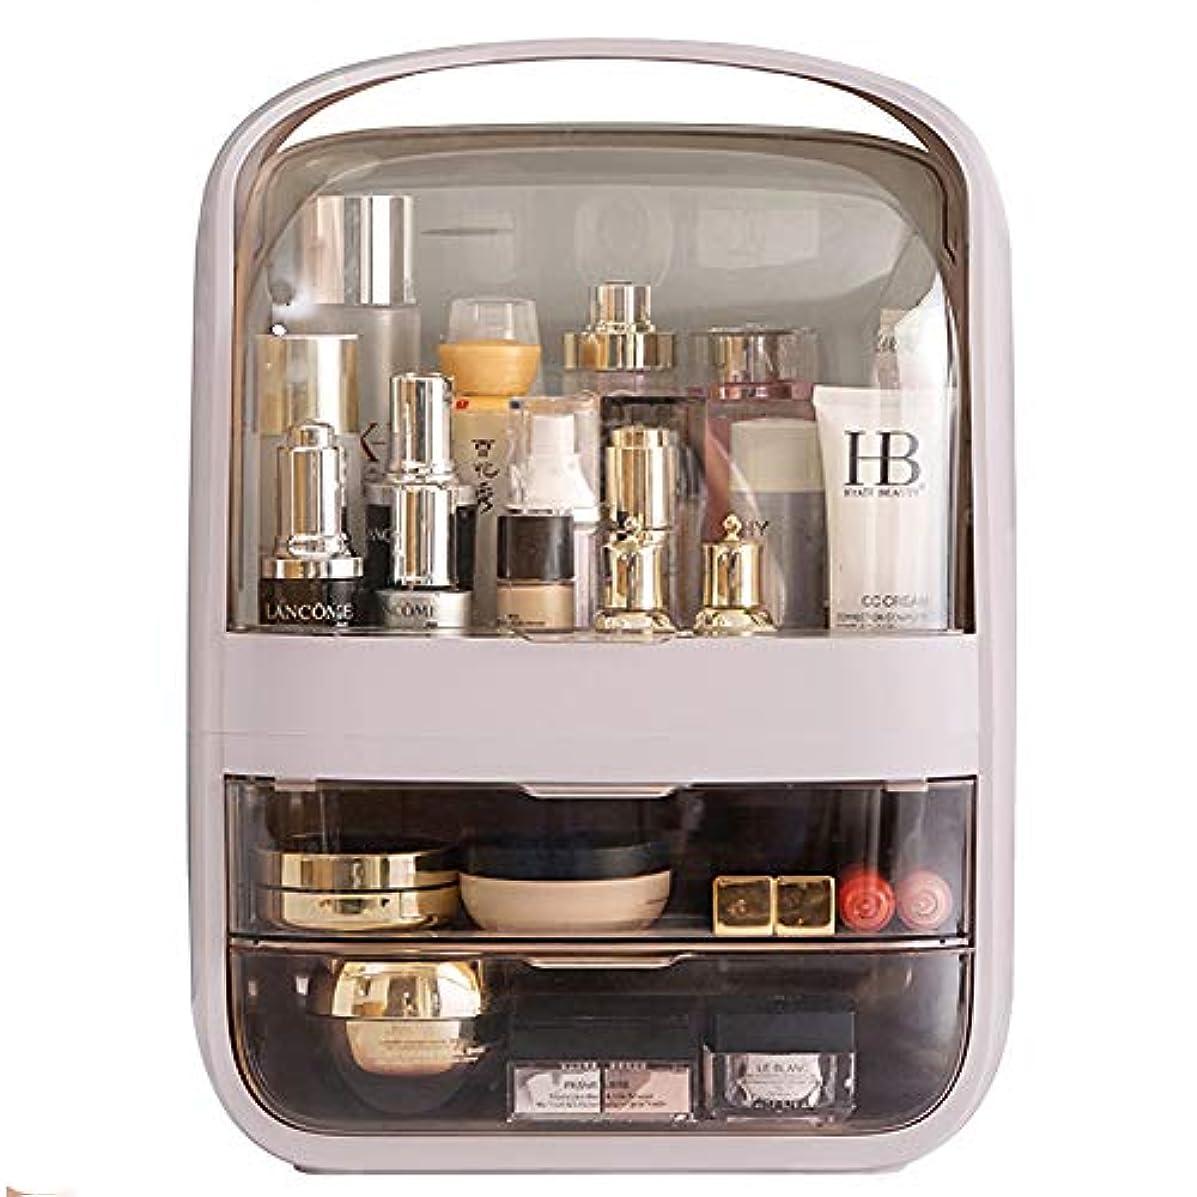 嘆く書士ためにMAGIC UNION メイクボックス 化粧品収納ボックス 防塵 防水 大容量 ックス メイクケース 持ち運び 化粧箱 卓上収納 寝室 浴室 洗面所 家庭用